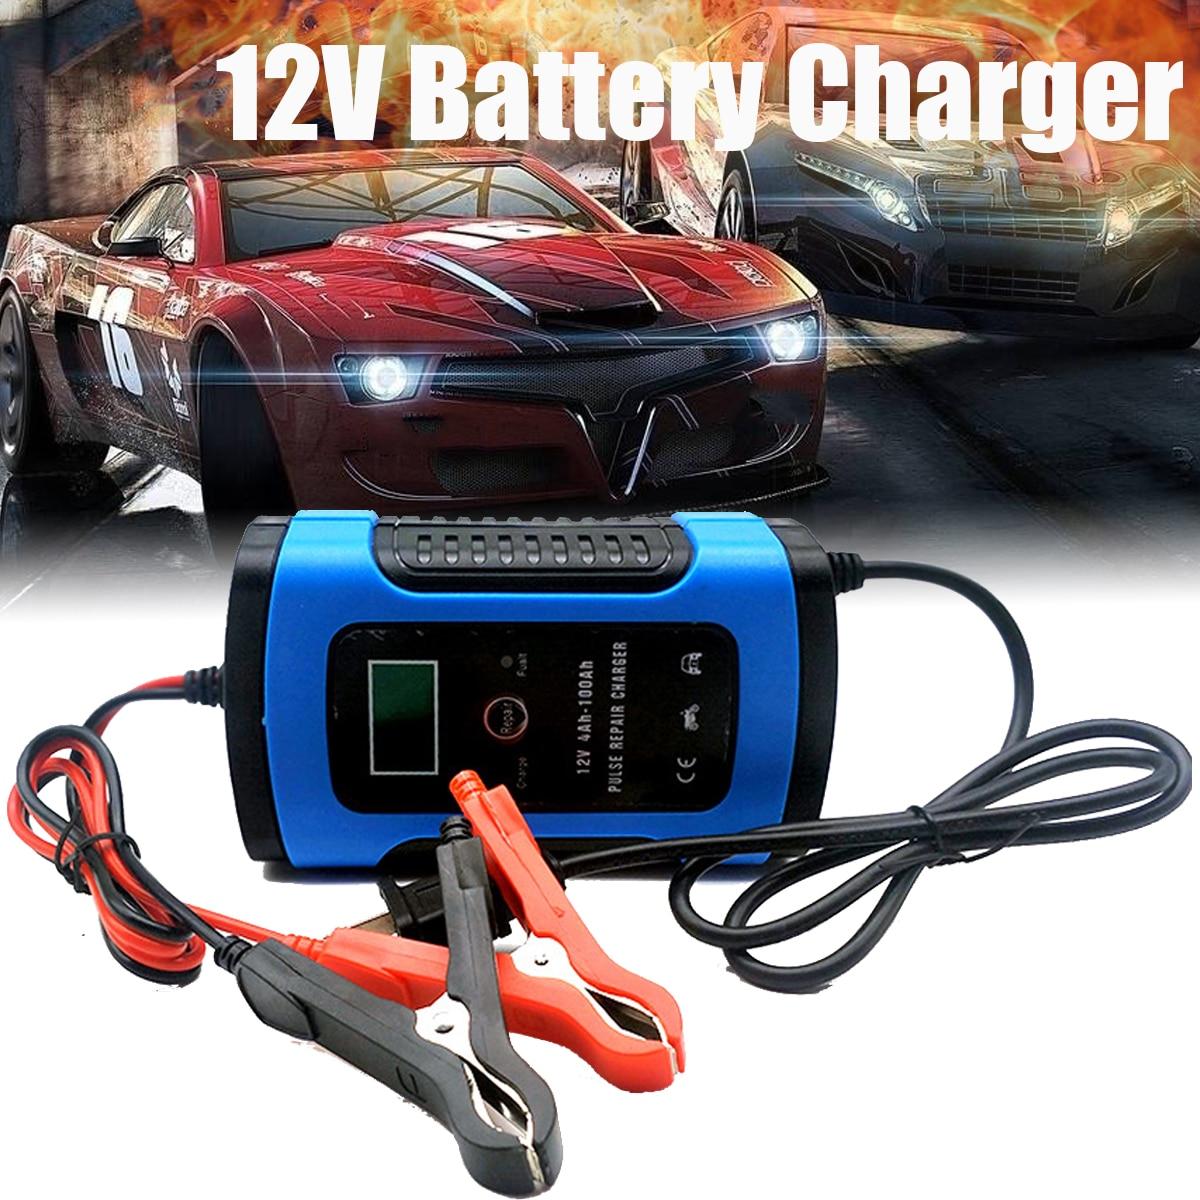 12 V 6A LCD Rapide Intelligent Chargeur De Batterie De Voiture pour Auto Moto Plomb-Acide AGM GEL Batteries De Charge Intelligente 12 V Volts 6 AMPÈRES